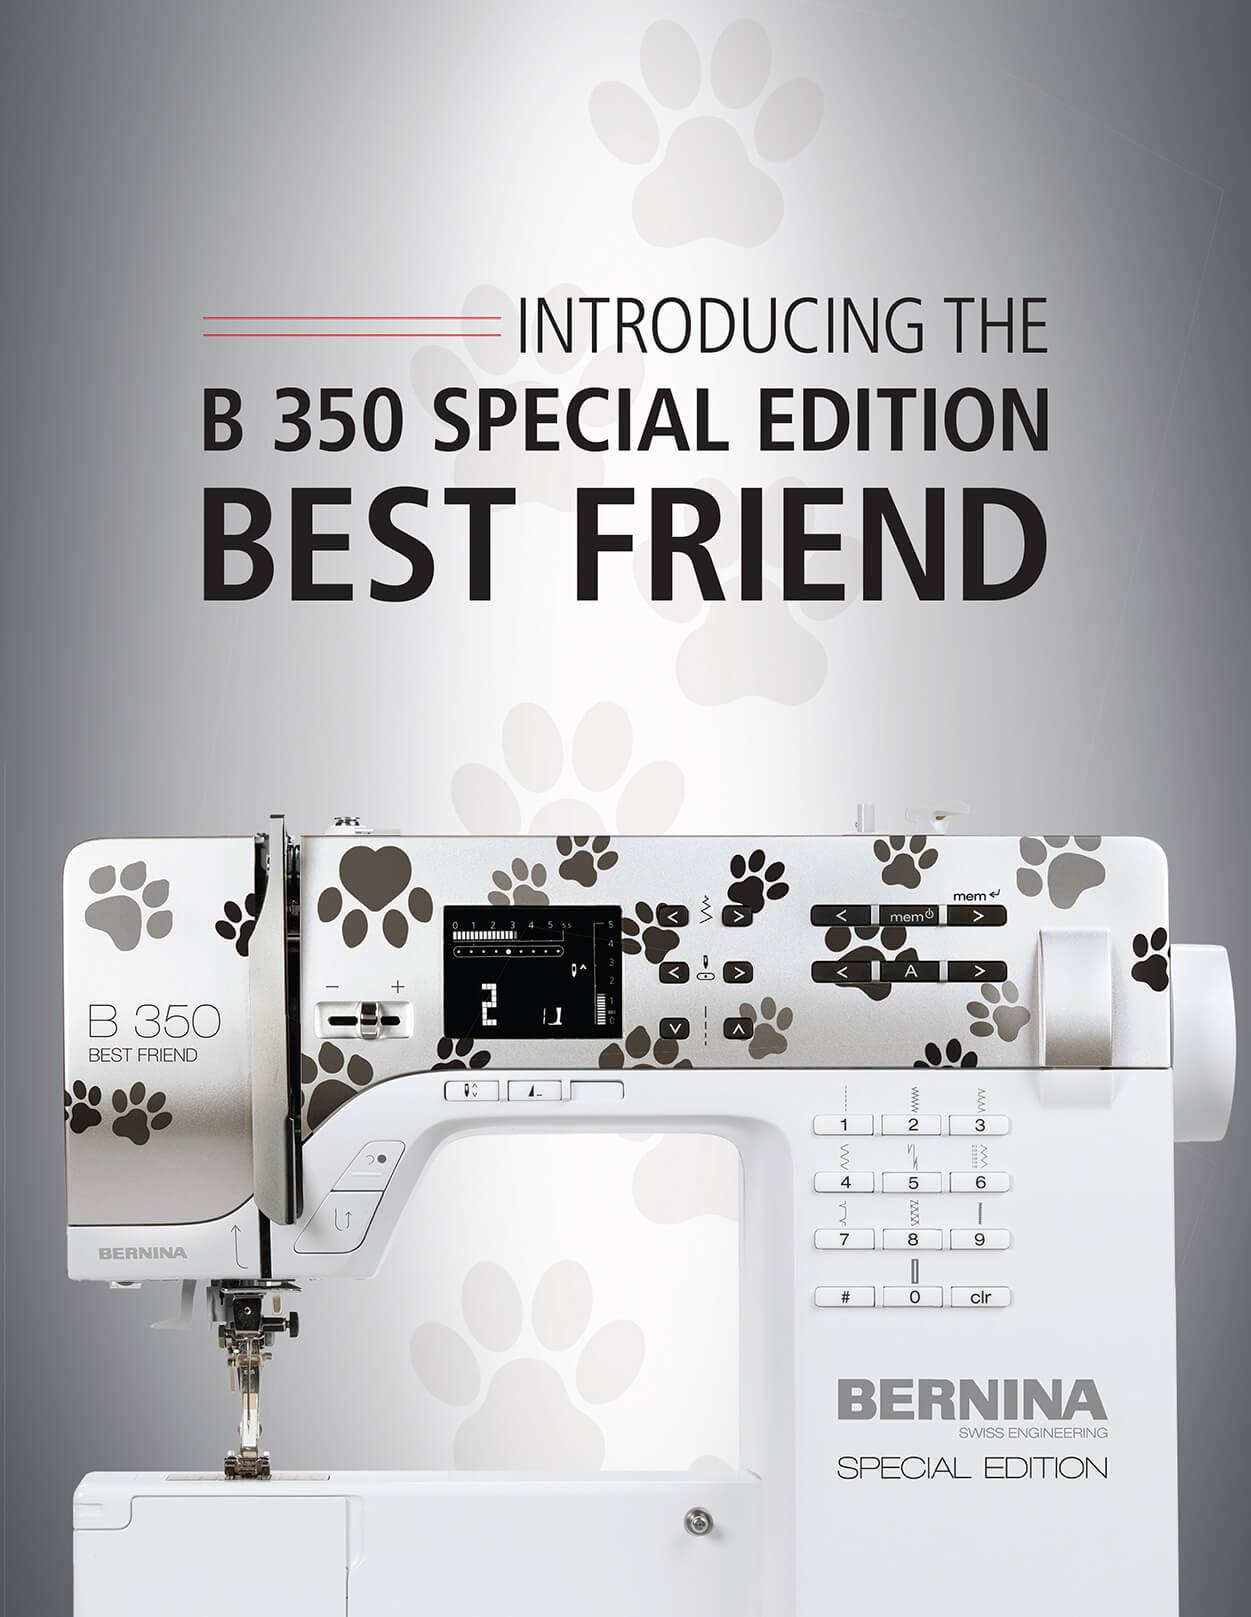 brp-20167_bestfriend_sellsheet_front_v1_x1a